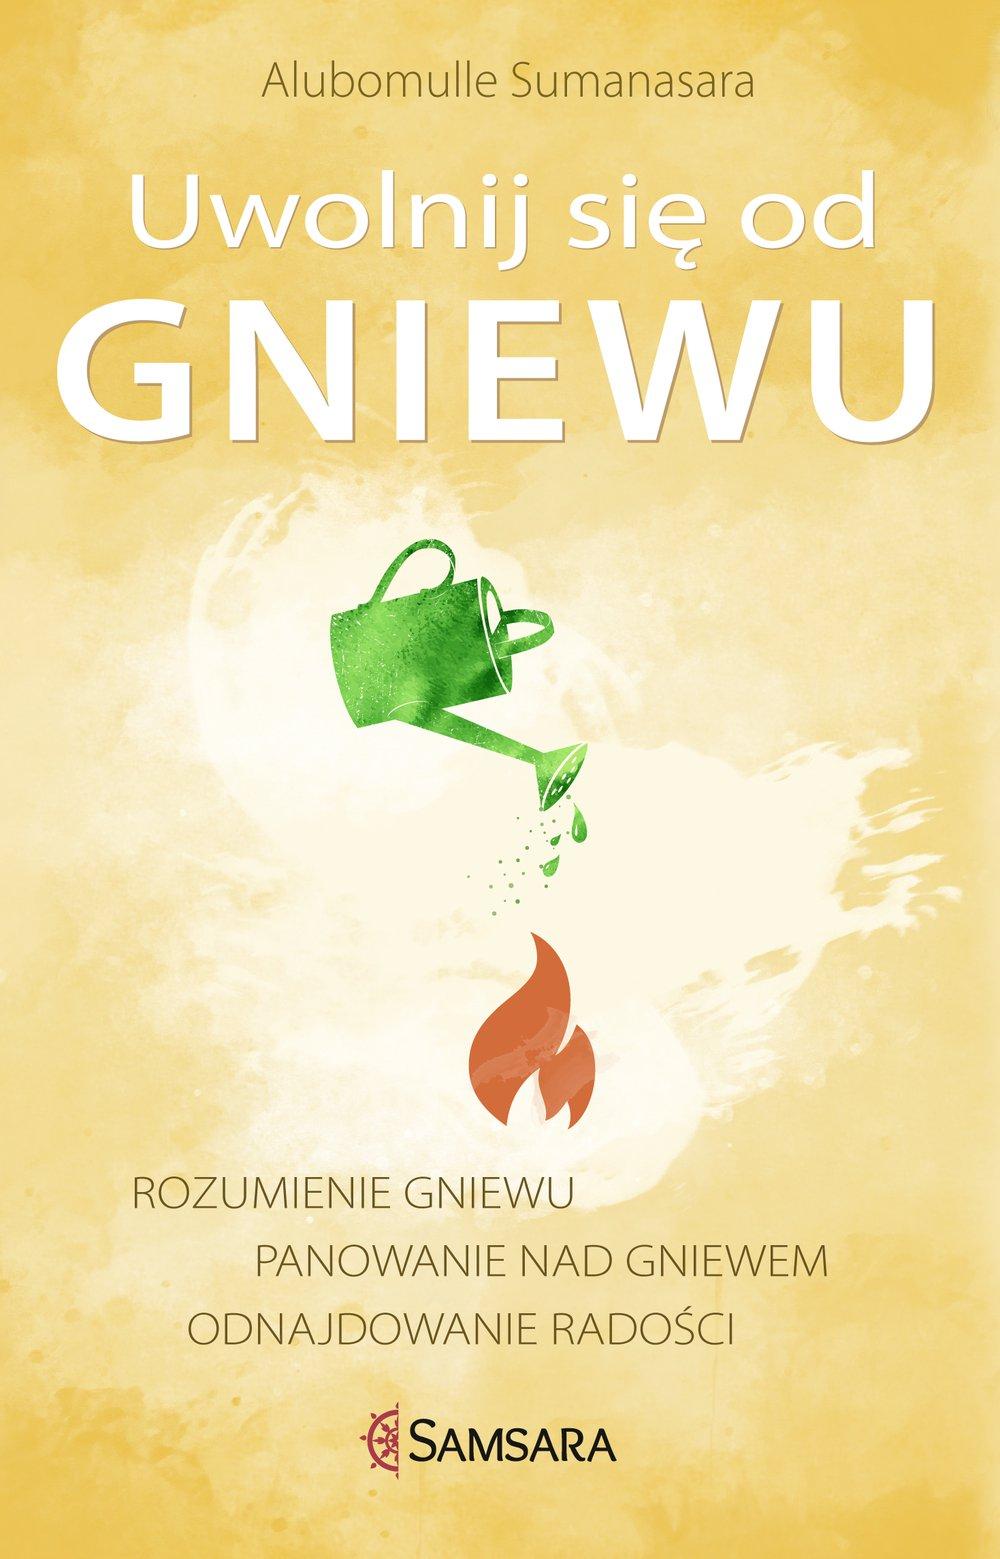 Uwolnij się od gniewu. Rozumienie gniewu, panowanie nad gniewem, odnajdowanie radości - Ebook (Książka EPUB) do pobrania w formacie EPUB